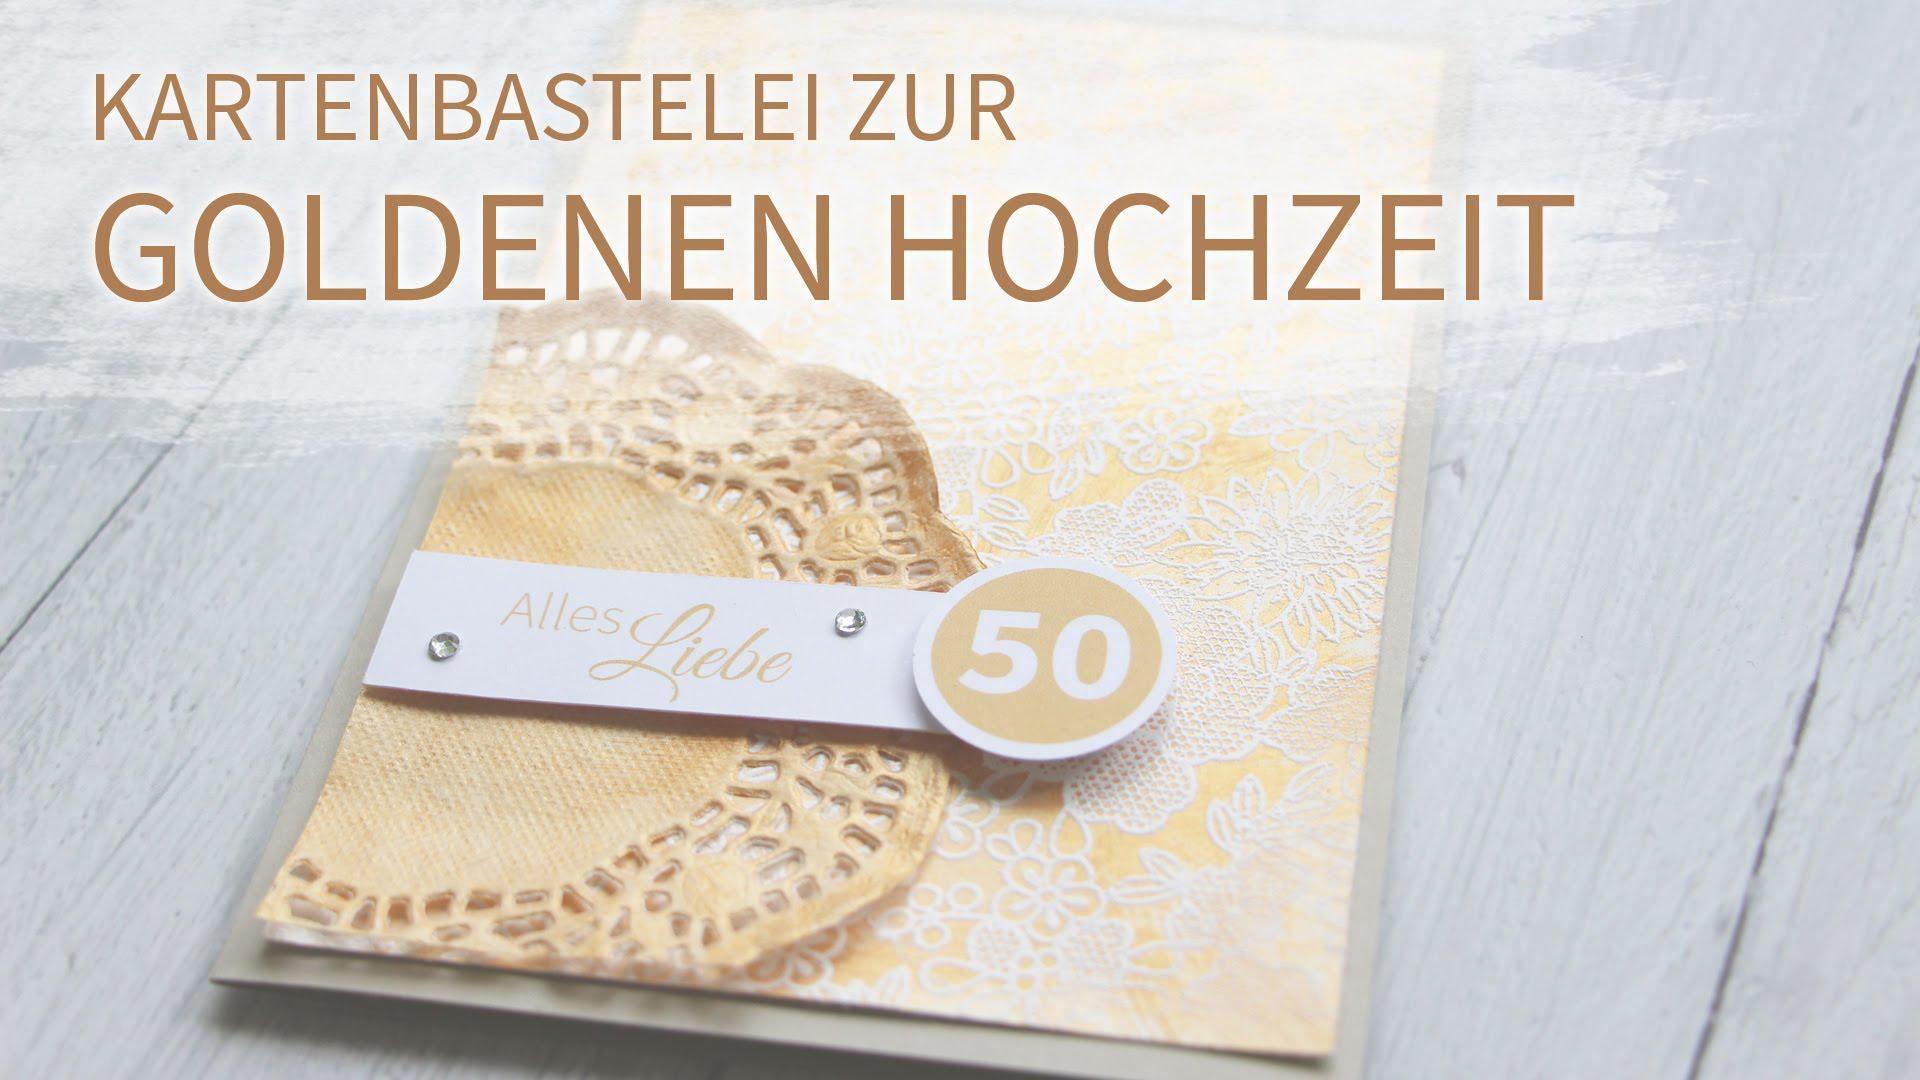 Schön Einladungskarten Goldene Hochzeit Selbst Gestalten : Einladungskarten Zur Goldenen  Hochzeit Selbst Gestalten Kostenlos   Online Einladungskarten